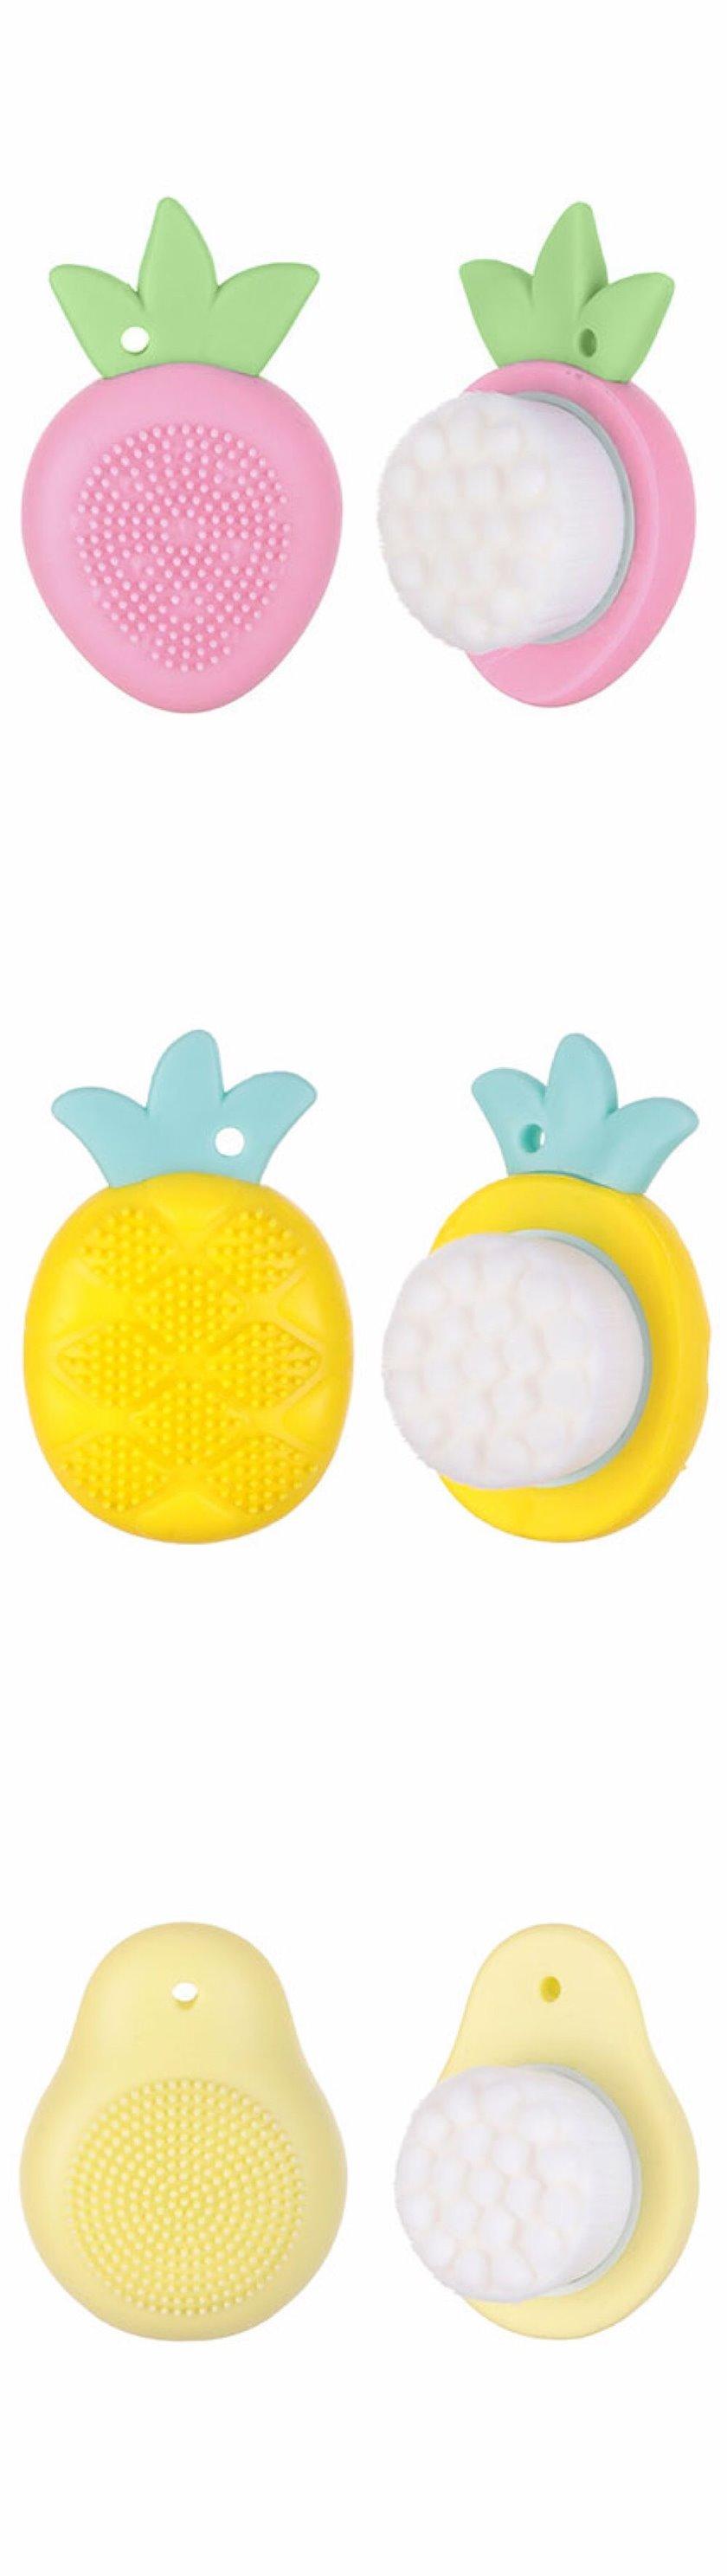 Üz üçün təmizləyici fırça Miniso Fruit Series Facial Cleansing Brus(Pineapple)